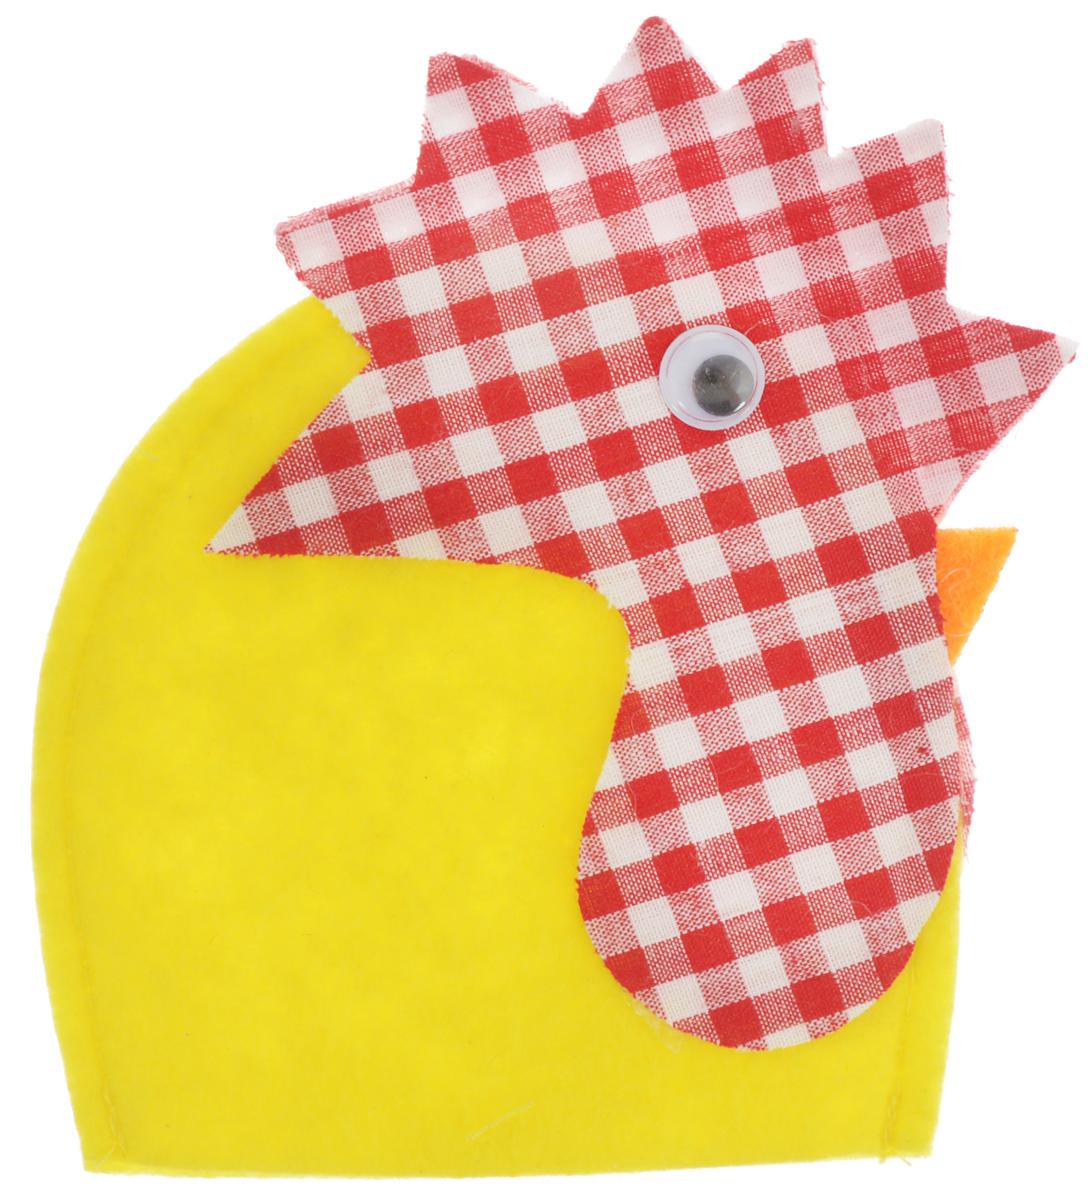 Грелка для яйца декоративная Home Queen Петушок, 8,5 х 11,5 см64521_2Декоративная грелка для яйца Home Queen Петушок изготовлена из фетра и текстиля. Мягкая и приятная на ощупь, грелка внесет частичку тепла и веселья в ваш дом, а также станет замечательным подарком для друзей и близких.